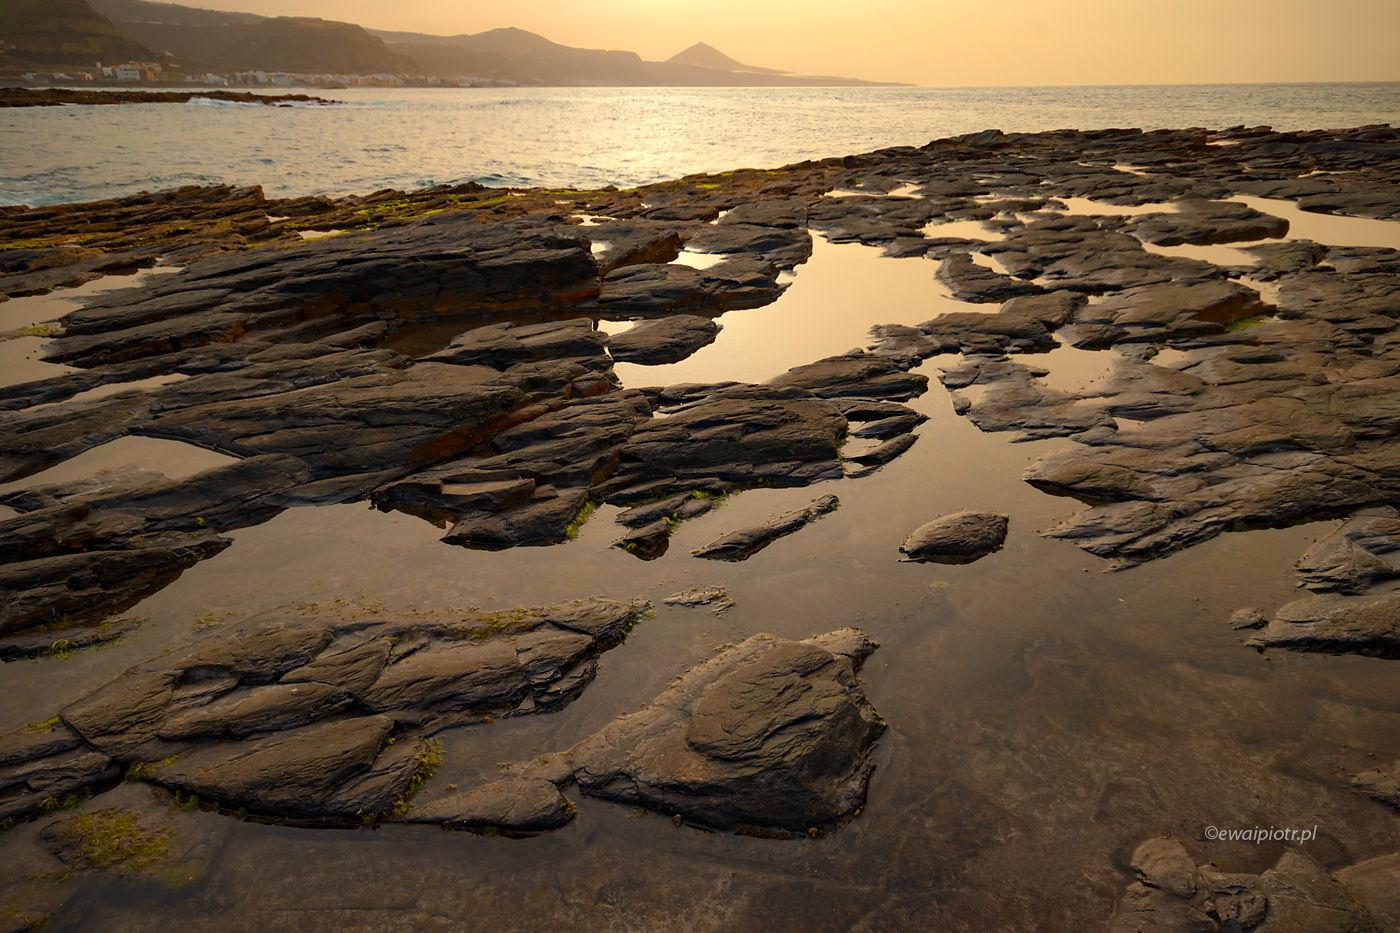 Skały i woda, Wyspy Kanaryjskie, ćwiczenia z kompozycji